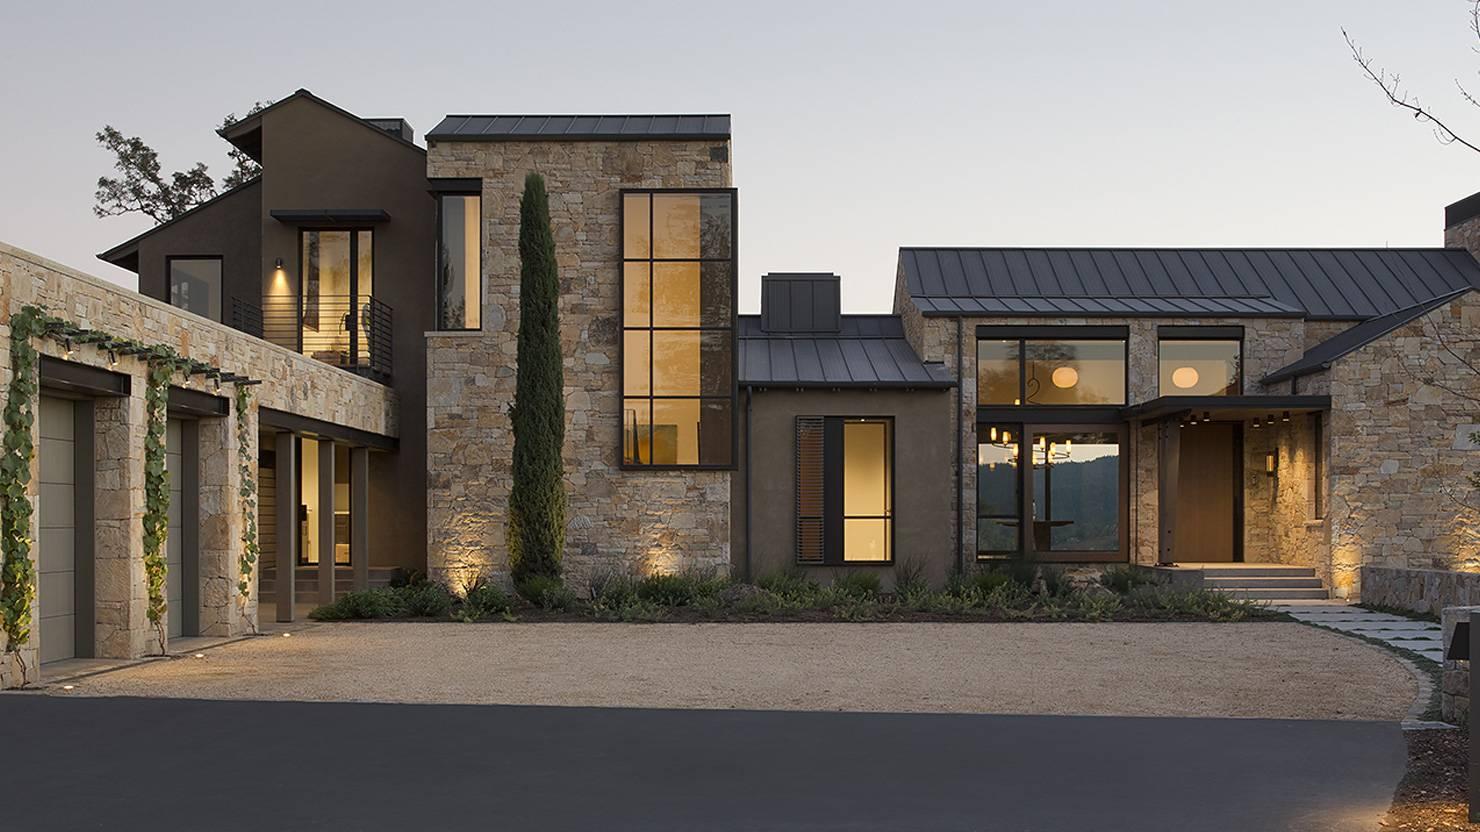 acciaio-zincato-serramenti-villa-patio-seccosistemi-2_project_big